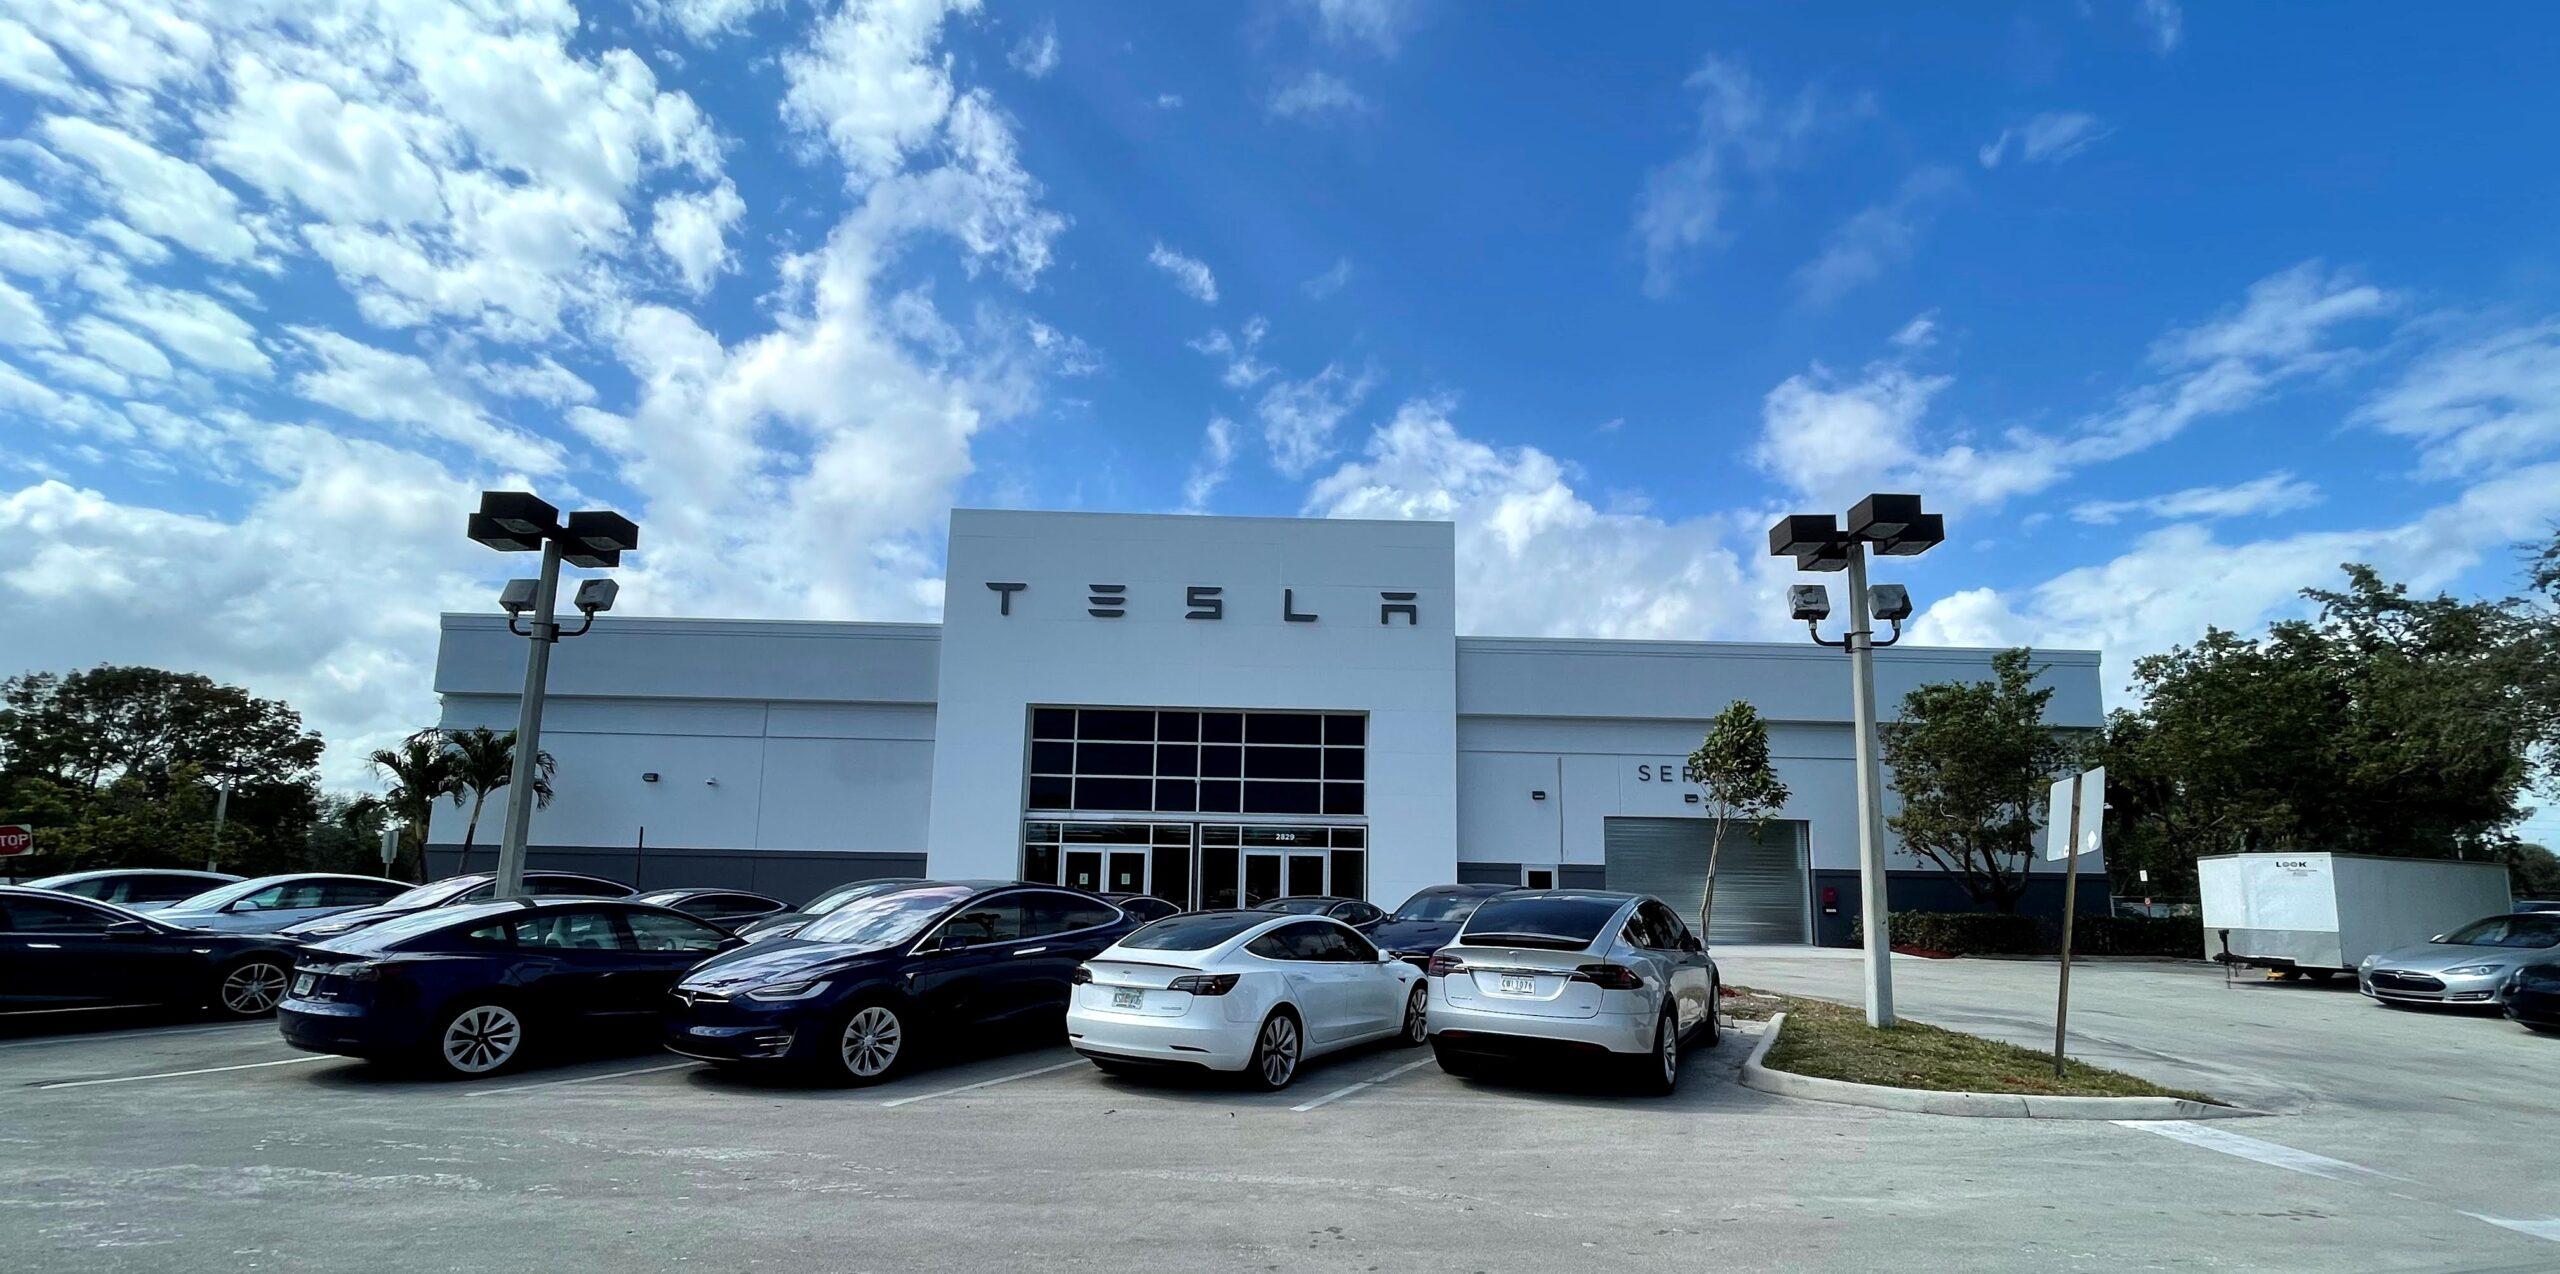 Tesla Fort Lauderdale Service Center Front Image